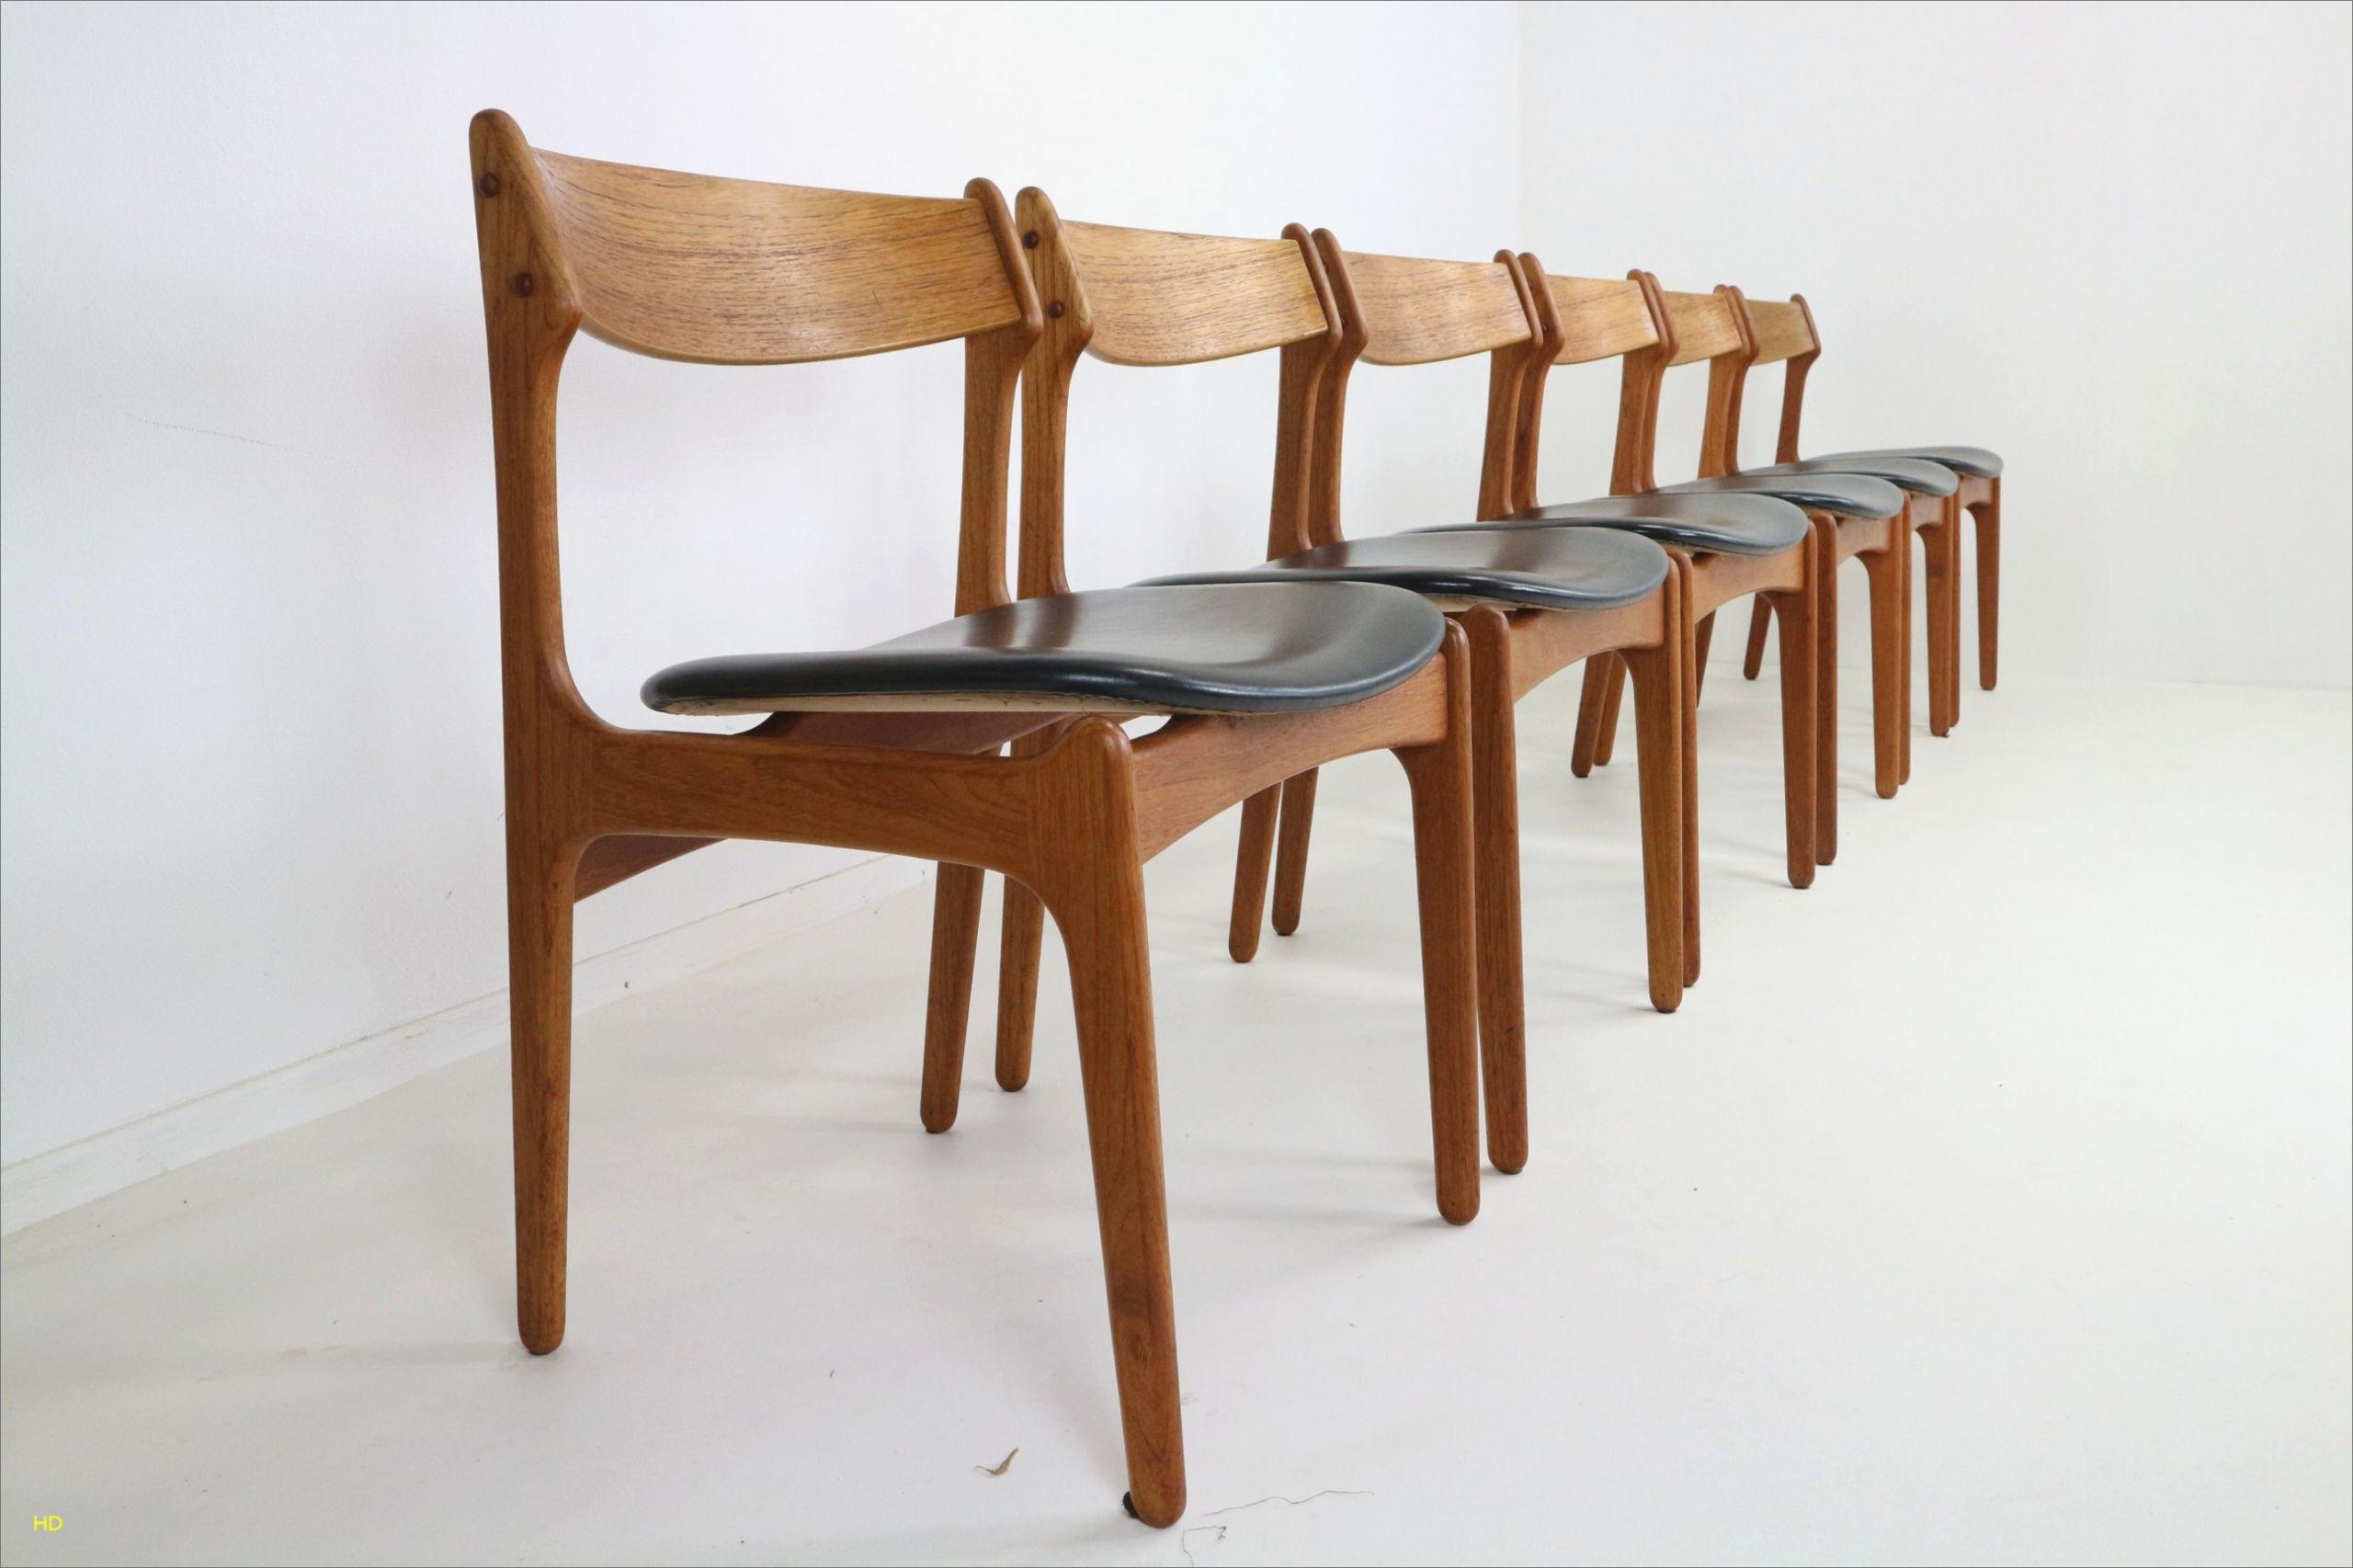 chaise de jardin en bois exotique charmant lesmeubles table en bois lesmeubles of chaise de jardin en bois exotique